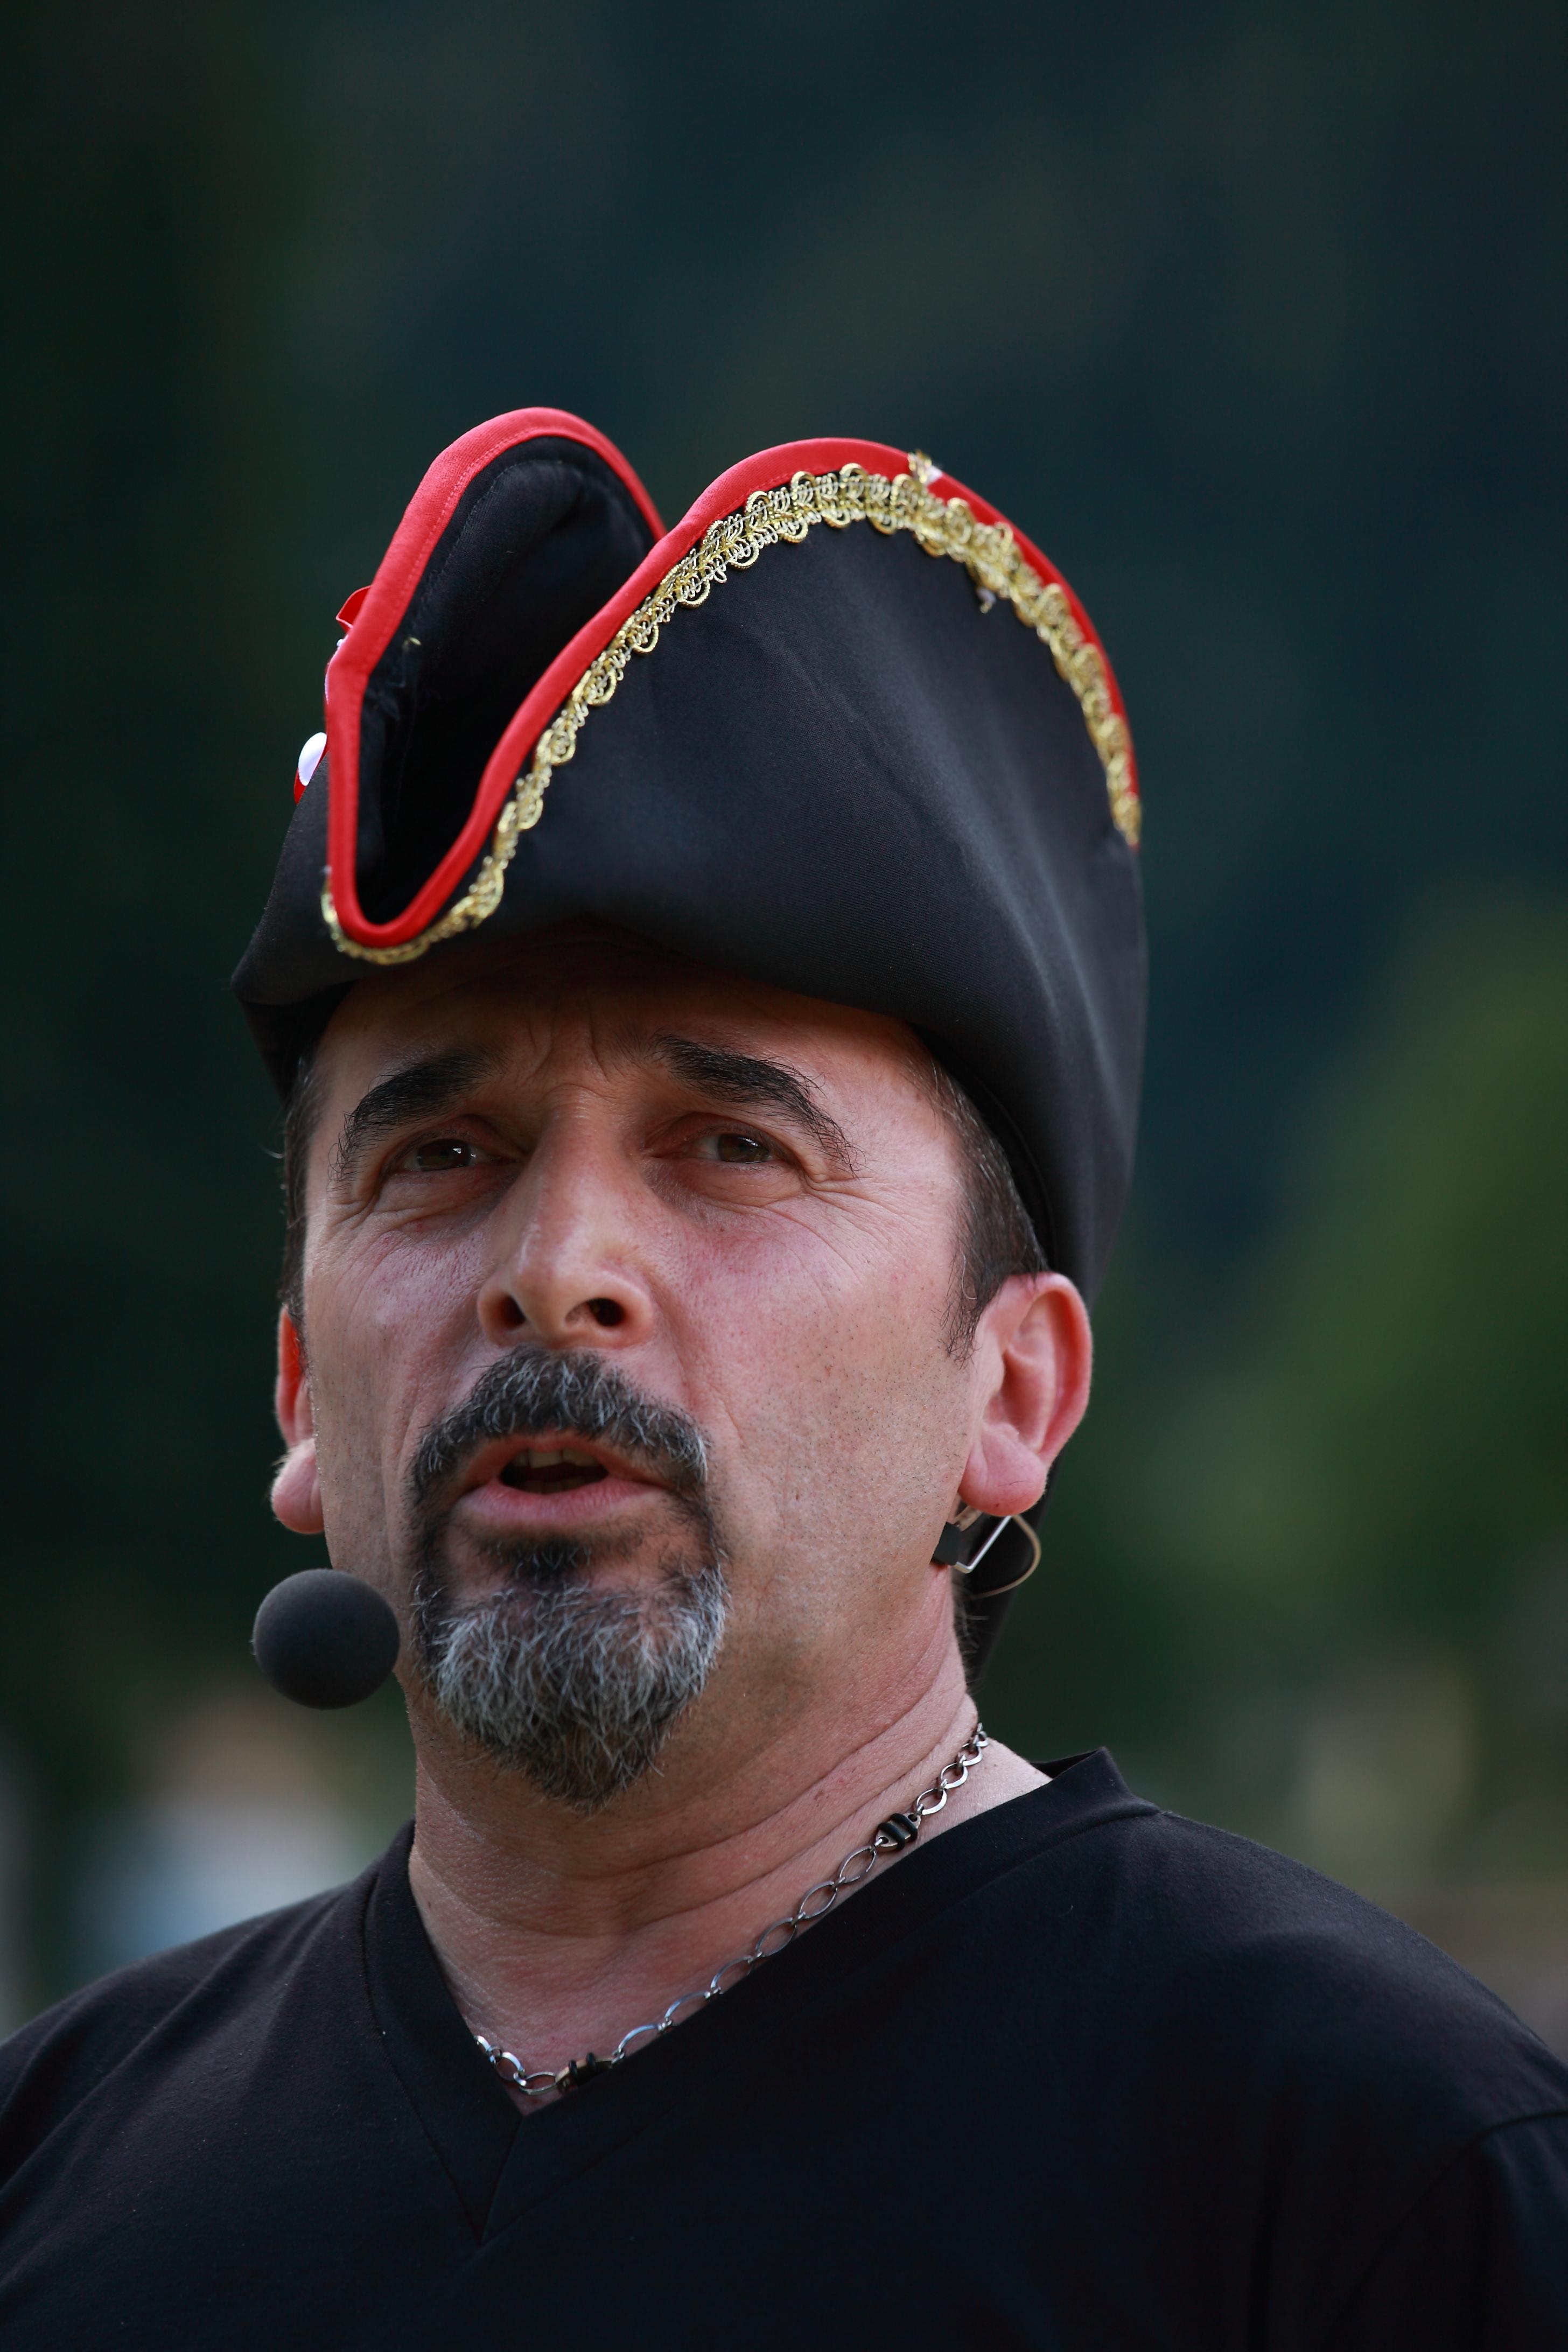 Enrico Gasperi_ Non toglietemi il cappello (Claudio Munari)